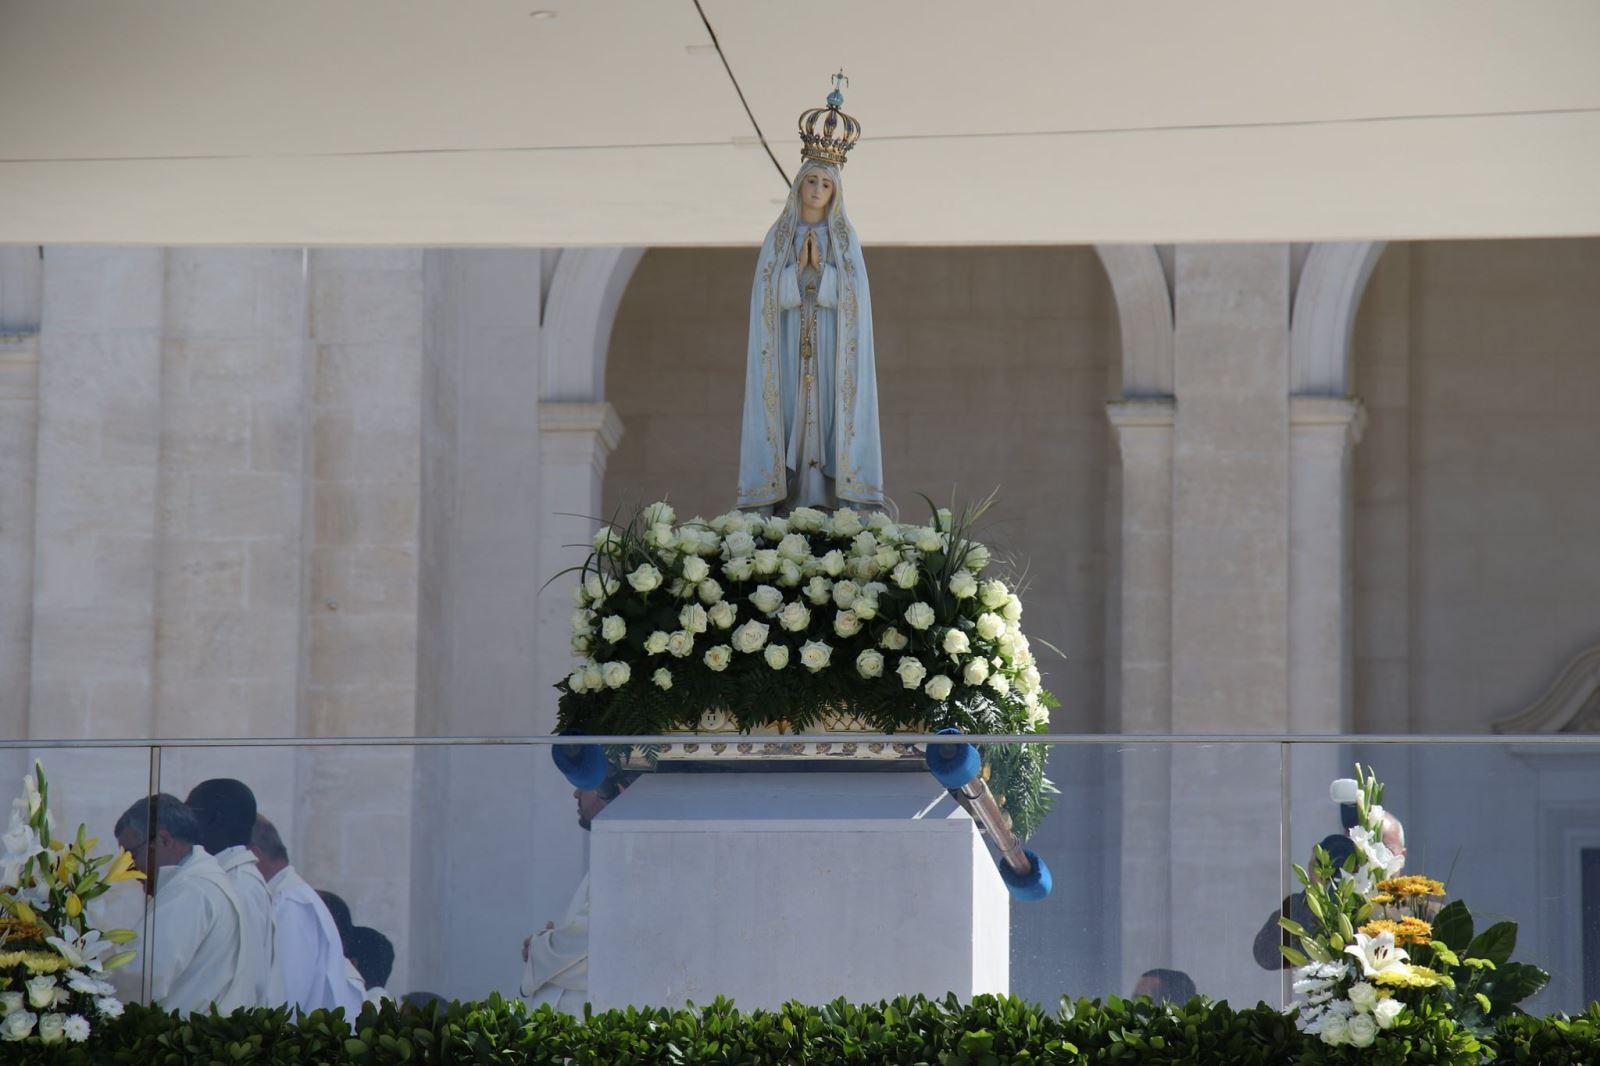 hinh chinh1 - Đại lễ Đức Mẹ Hồn Xác Lên Trời tại Fatima, Bồ Đào Nha